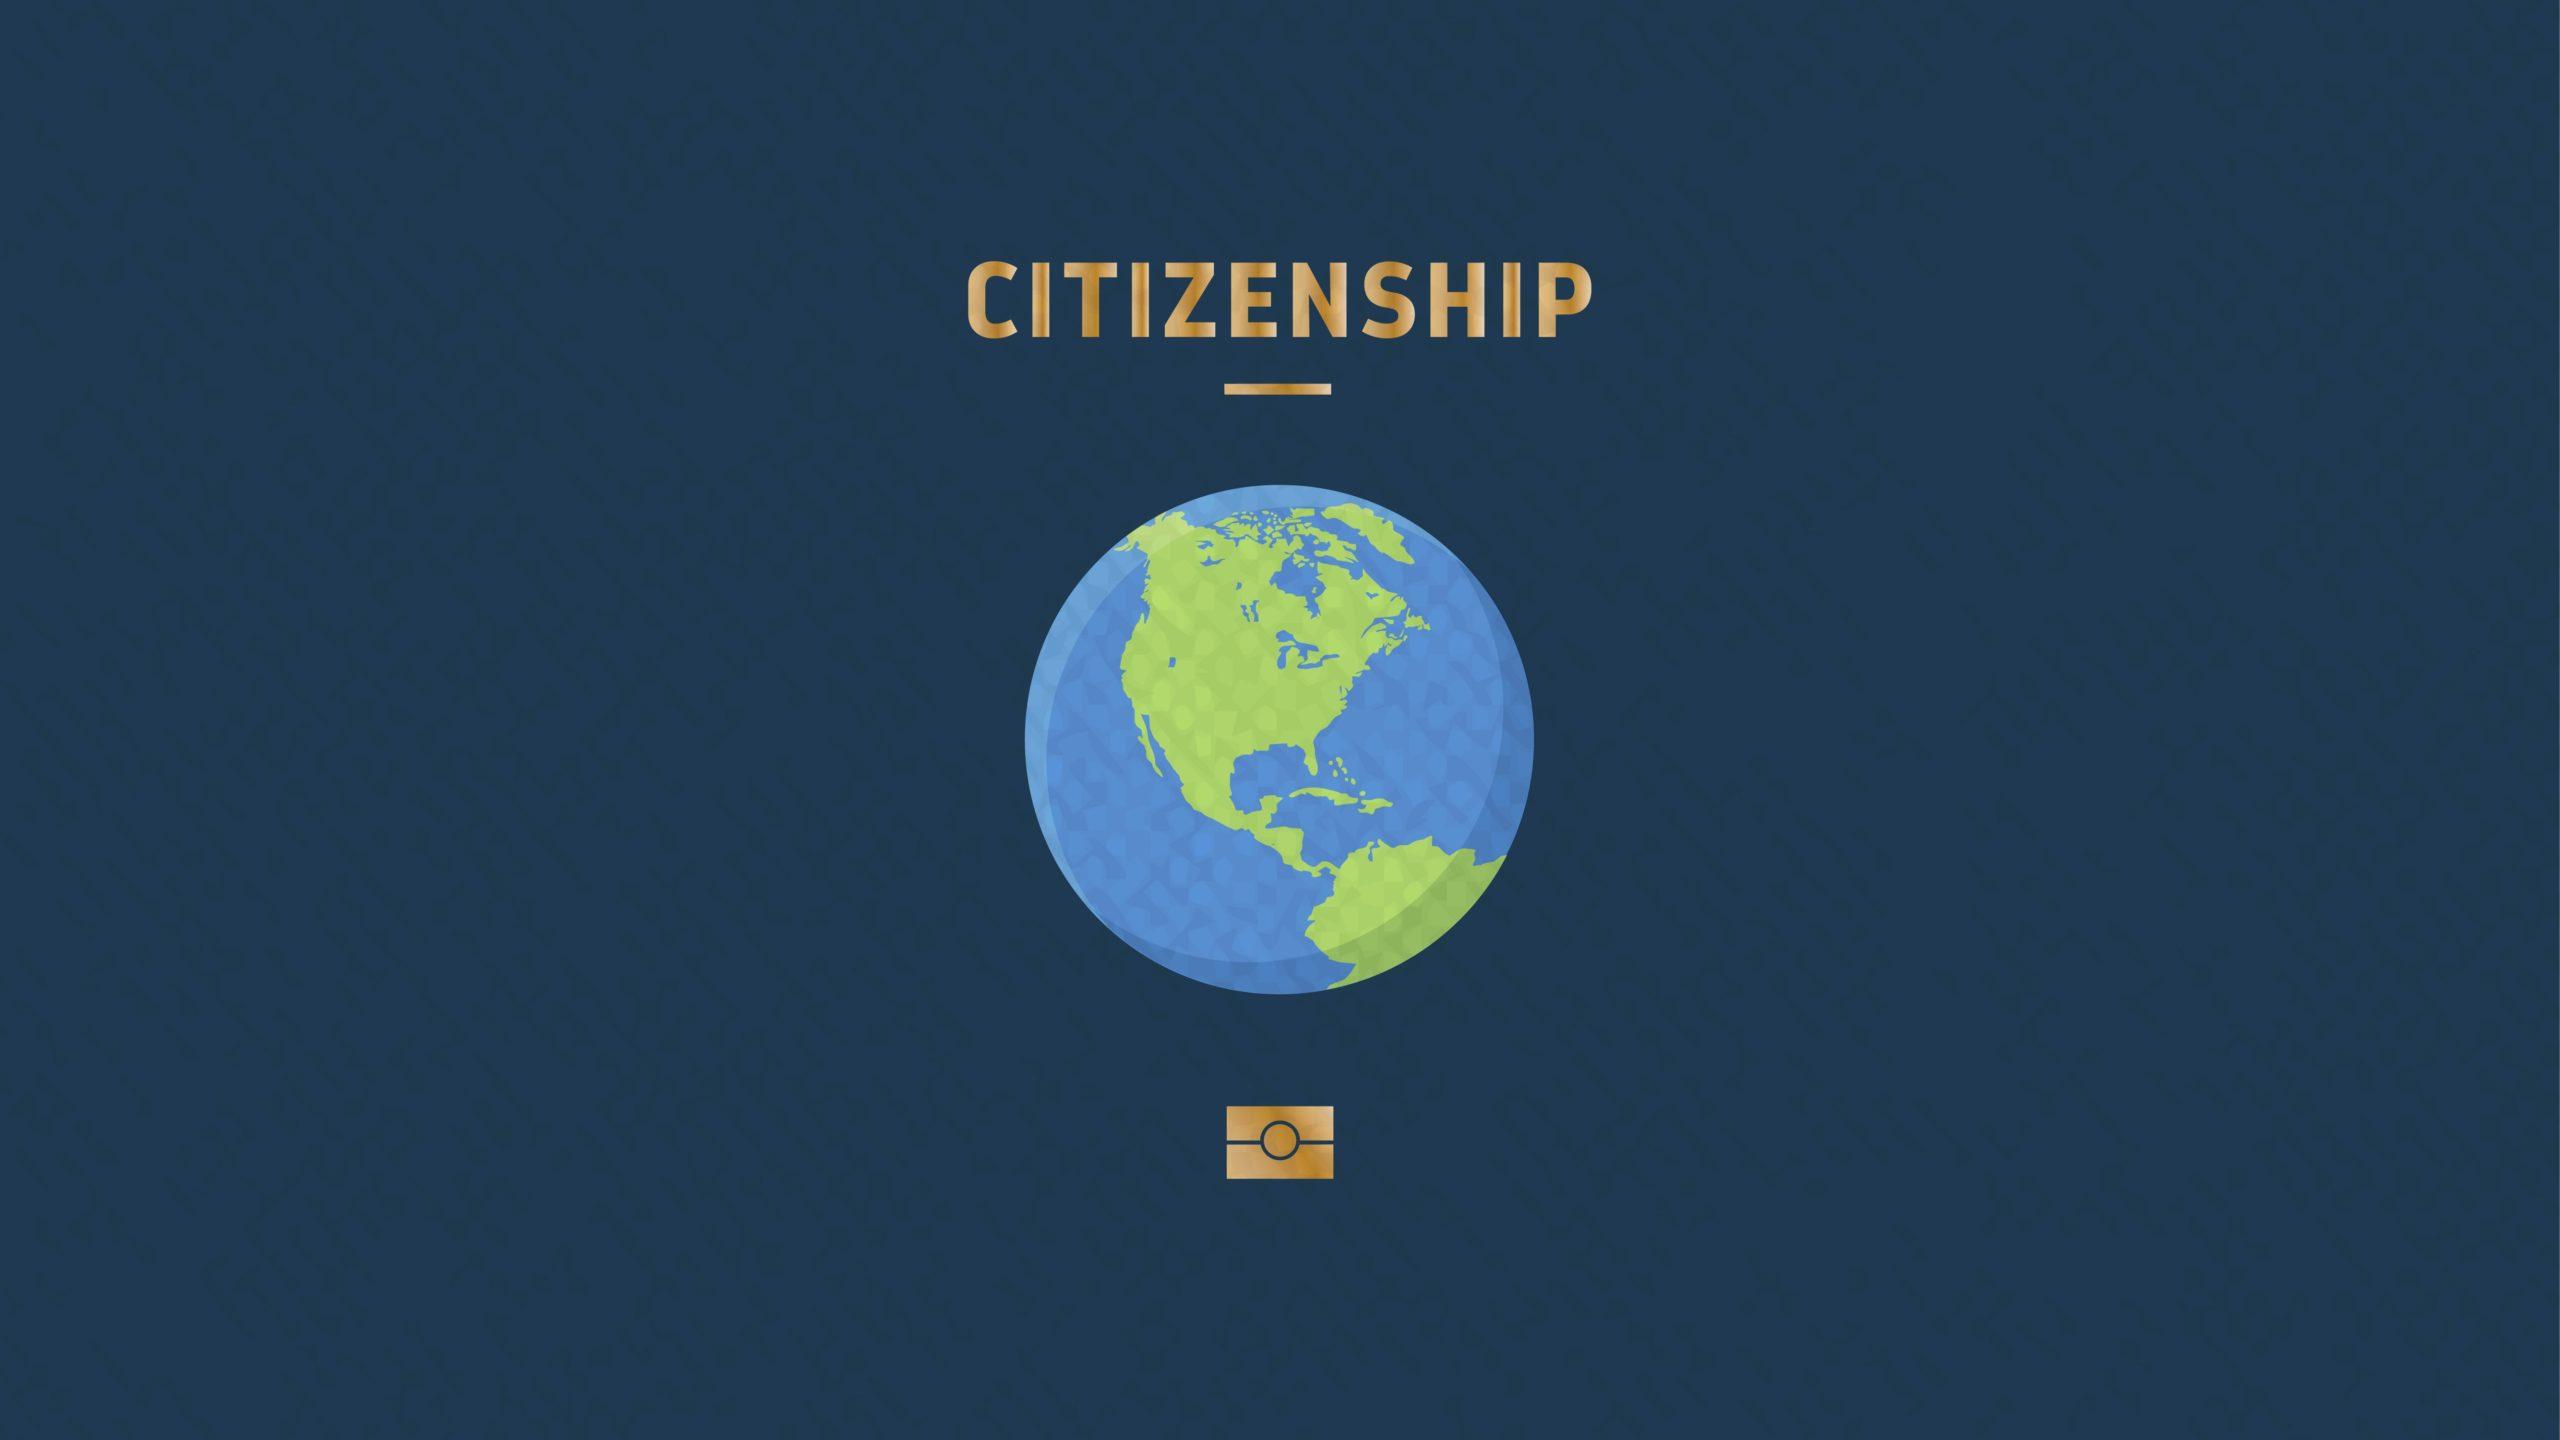 Мировое гражданство?